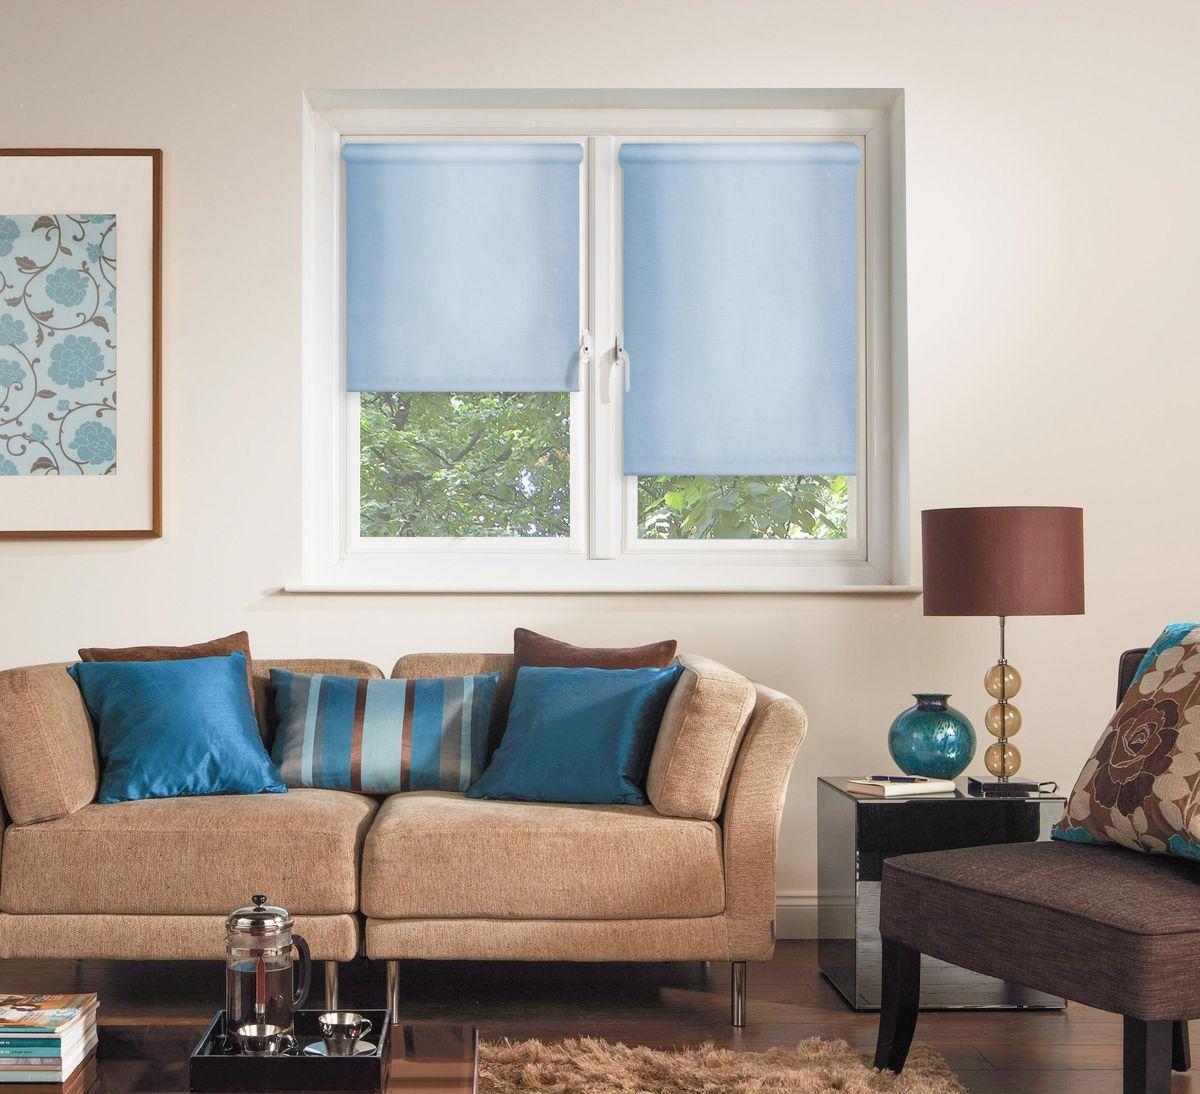 Штора рулонная Эскар, цвет: голубой, ширина 160 см, высота 170 см81005160170Рулонными шторами можно оформлять окна как самостоятельно, так и использовать в комбинации с портьерами. Это поможет предотвратить выгорание дорогой ткани на солнце и соединит функционал рулонных с красотой навесных.Преимущества применения рулонных штор для пластиковых окон:- имеют прекрасный внешний вид: многообразие и фактурность материала изделия отлично смотрятся в любом интерьере; - многофункциональны: есть возможность подобрать шторы способные эффективно защитить комнату от солнца, при этом о на не будет слишком темной. - Есть возможность осуществить быстрый монтаж. ВНИМАНИЕ! Размеры ширины изделия указаны по ширине ткани!Во время эксплуатации не рекомендуется полностью разматывать рулон, чтобы не оторвать ткань от намоточного вала.В случае загрязнения поверхности ткани, чистку шторы проводят одним из способов, в зависимости от типа загрязнения: легкое поверхностное загрязнение можно удалить при помощи канцелярского ластика; чистка от пыли производится сухим методом при помощи пылесоса с мягкой щеткой-насадкой; для удаления пятна используйте мягкую губку с пенообразующим неагрессивным моющим средством или пятновыводитель на натуральной основе (нельзя применять растворители).